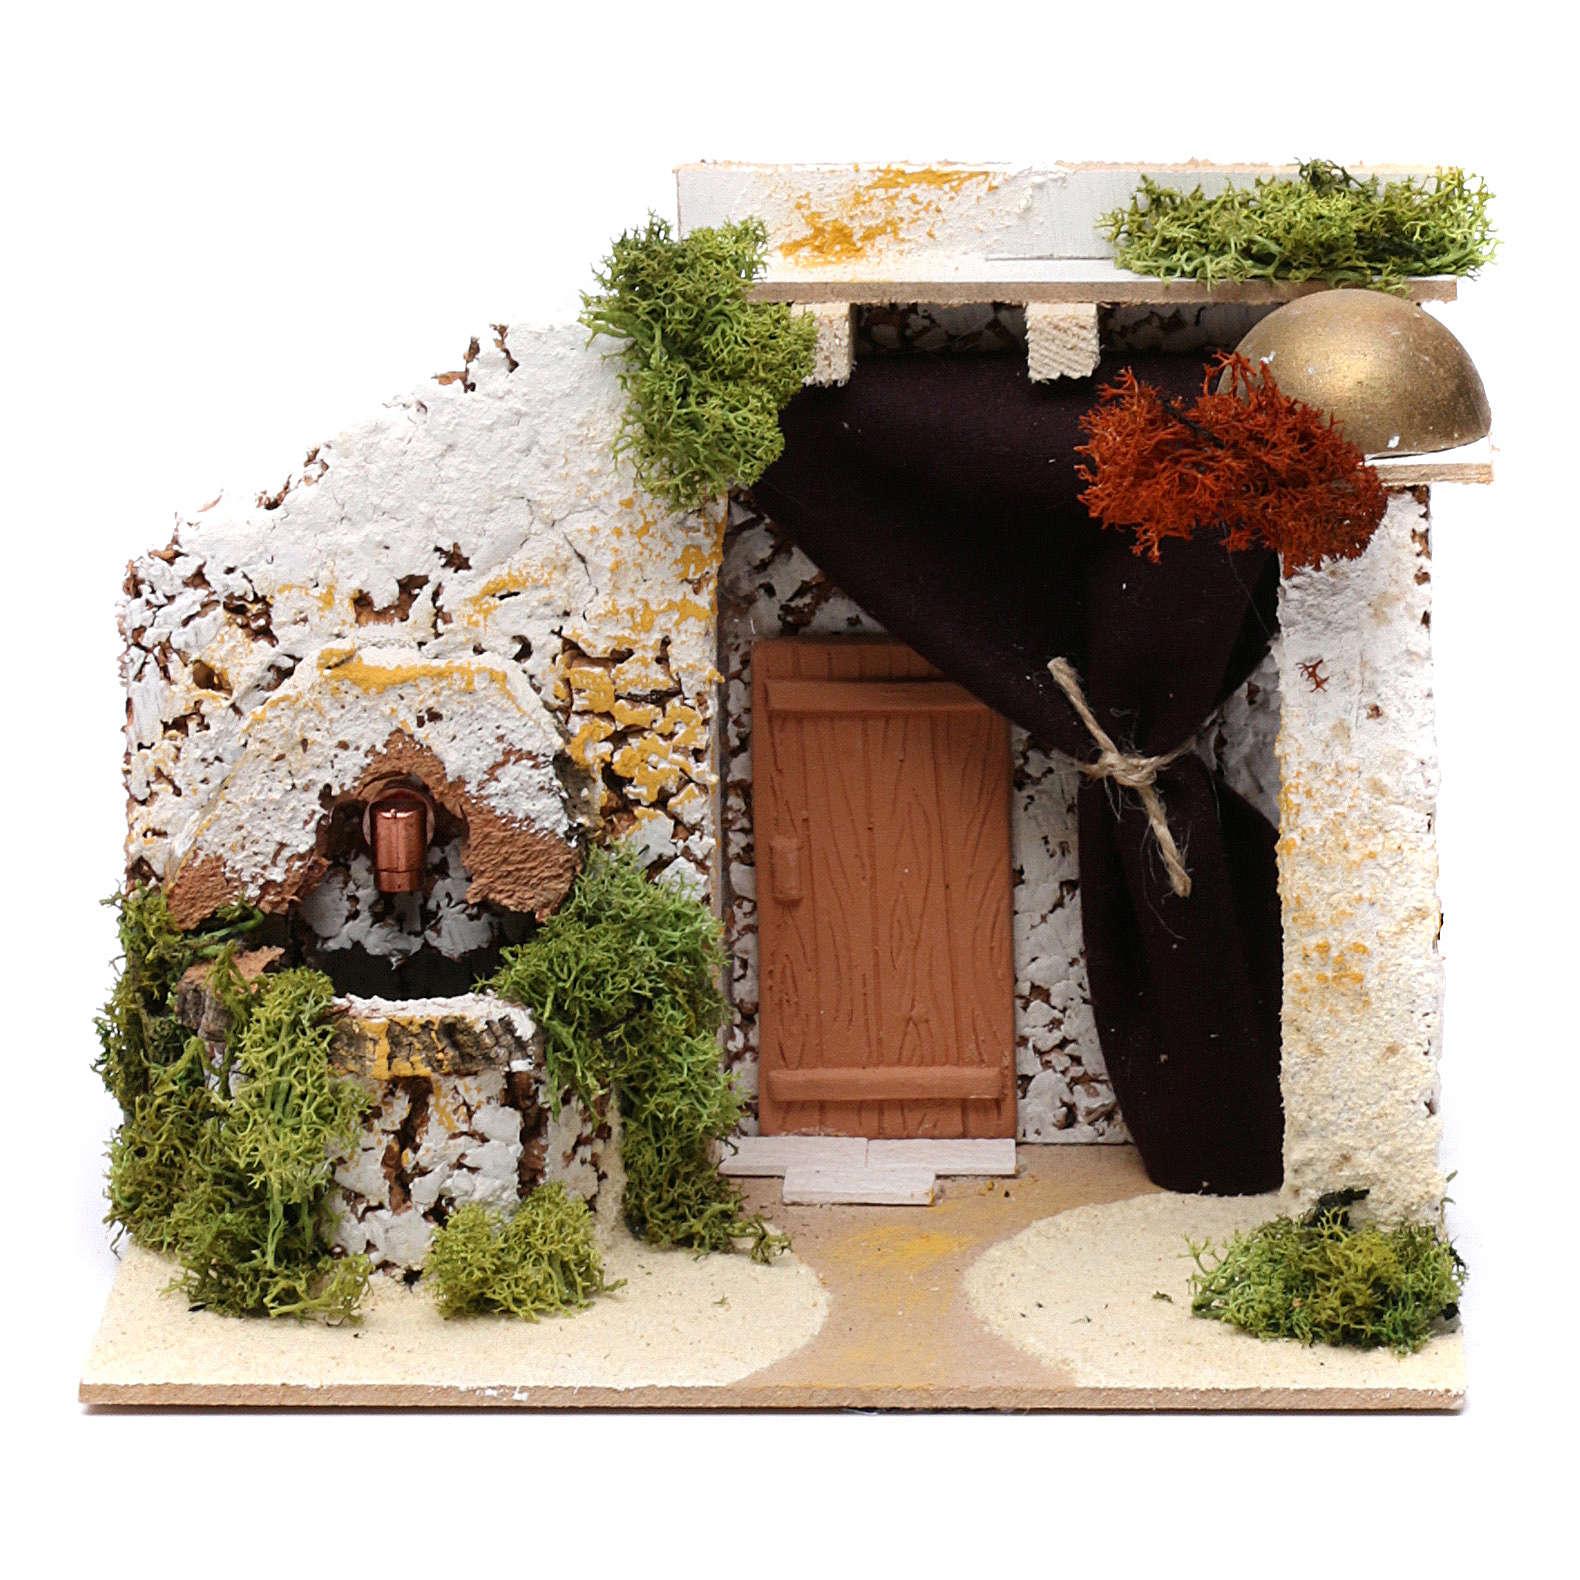 Casinha de estilo árabe com fontanário 15x20x15 cm 4